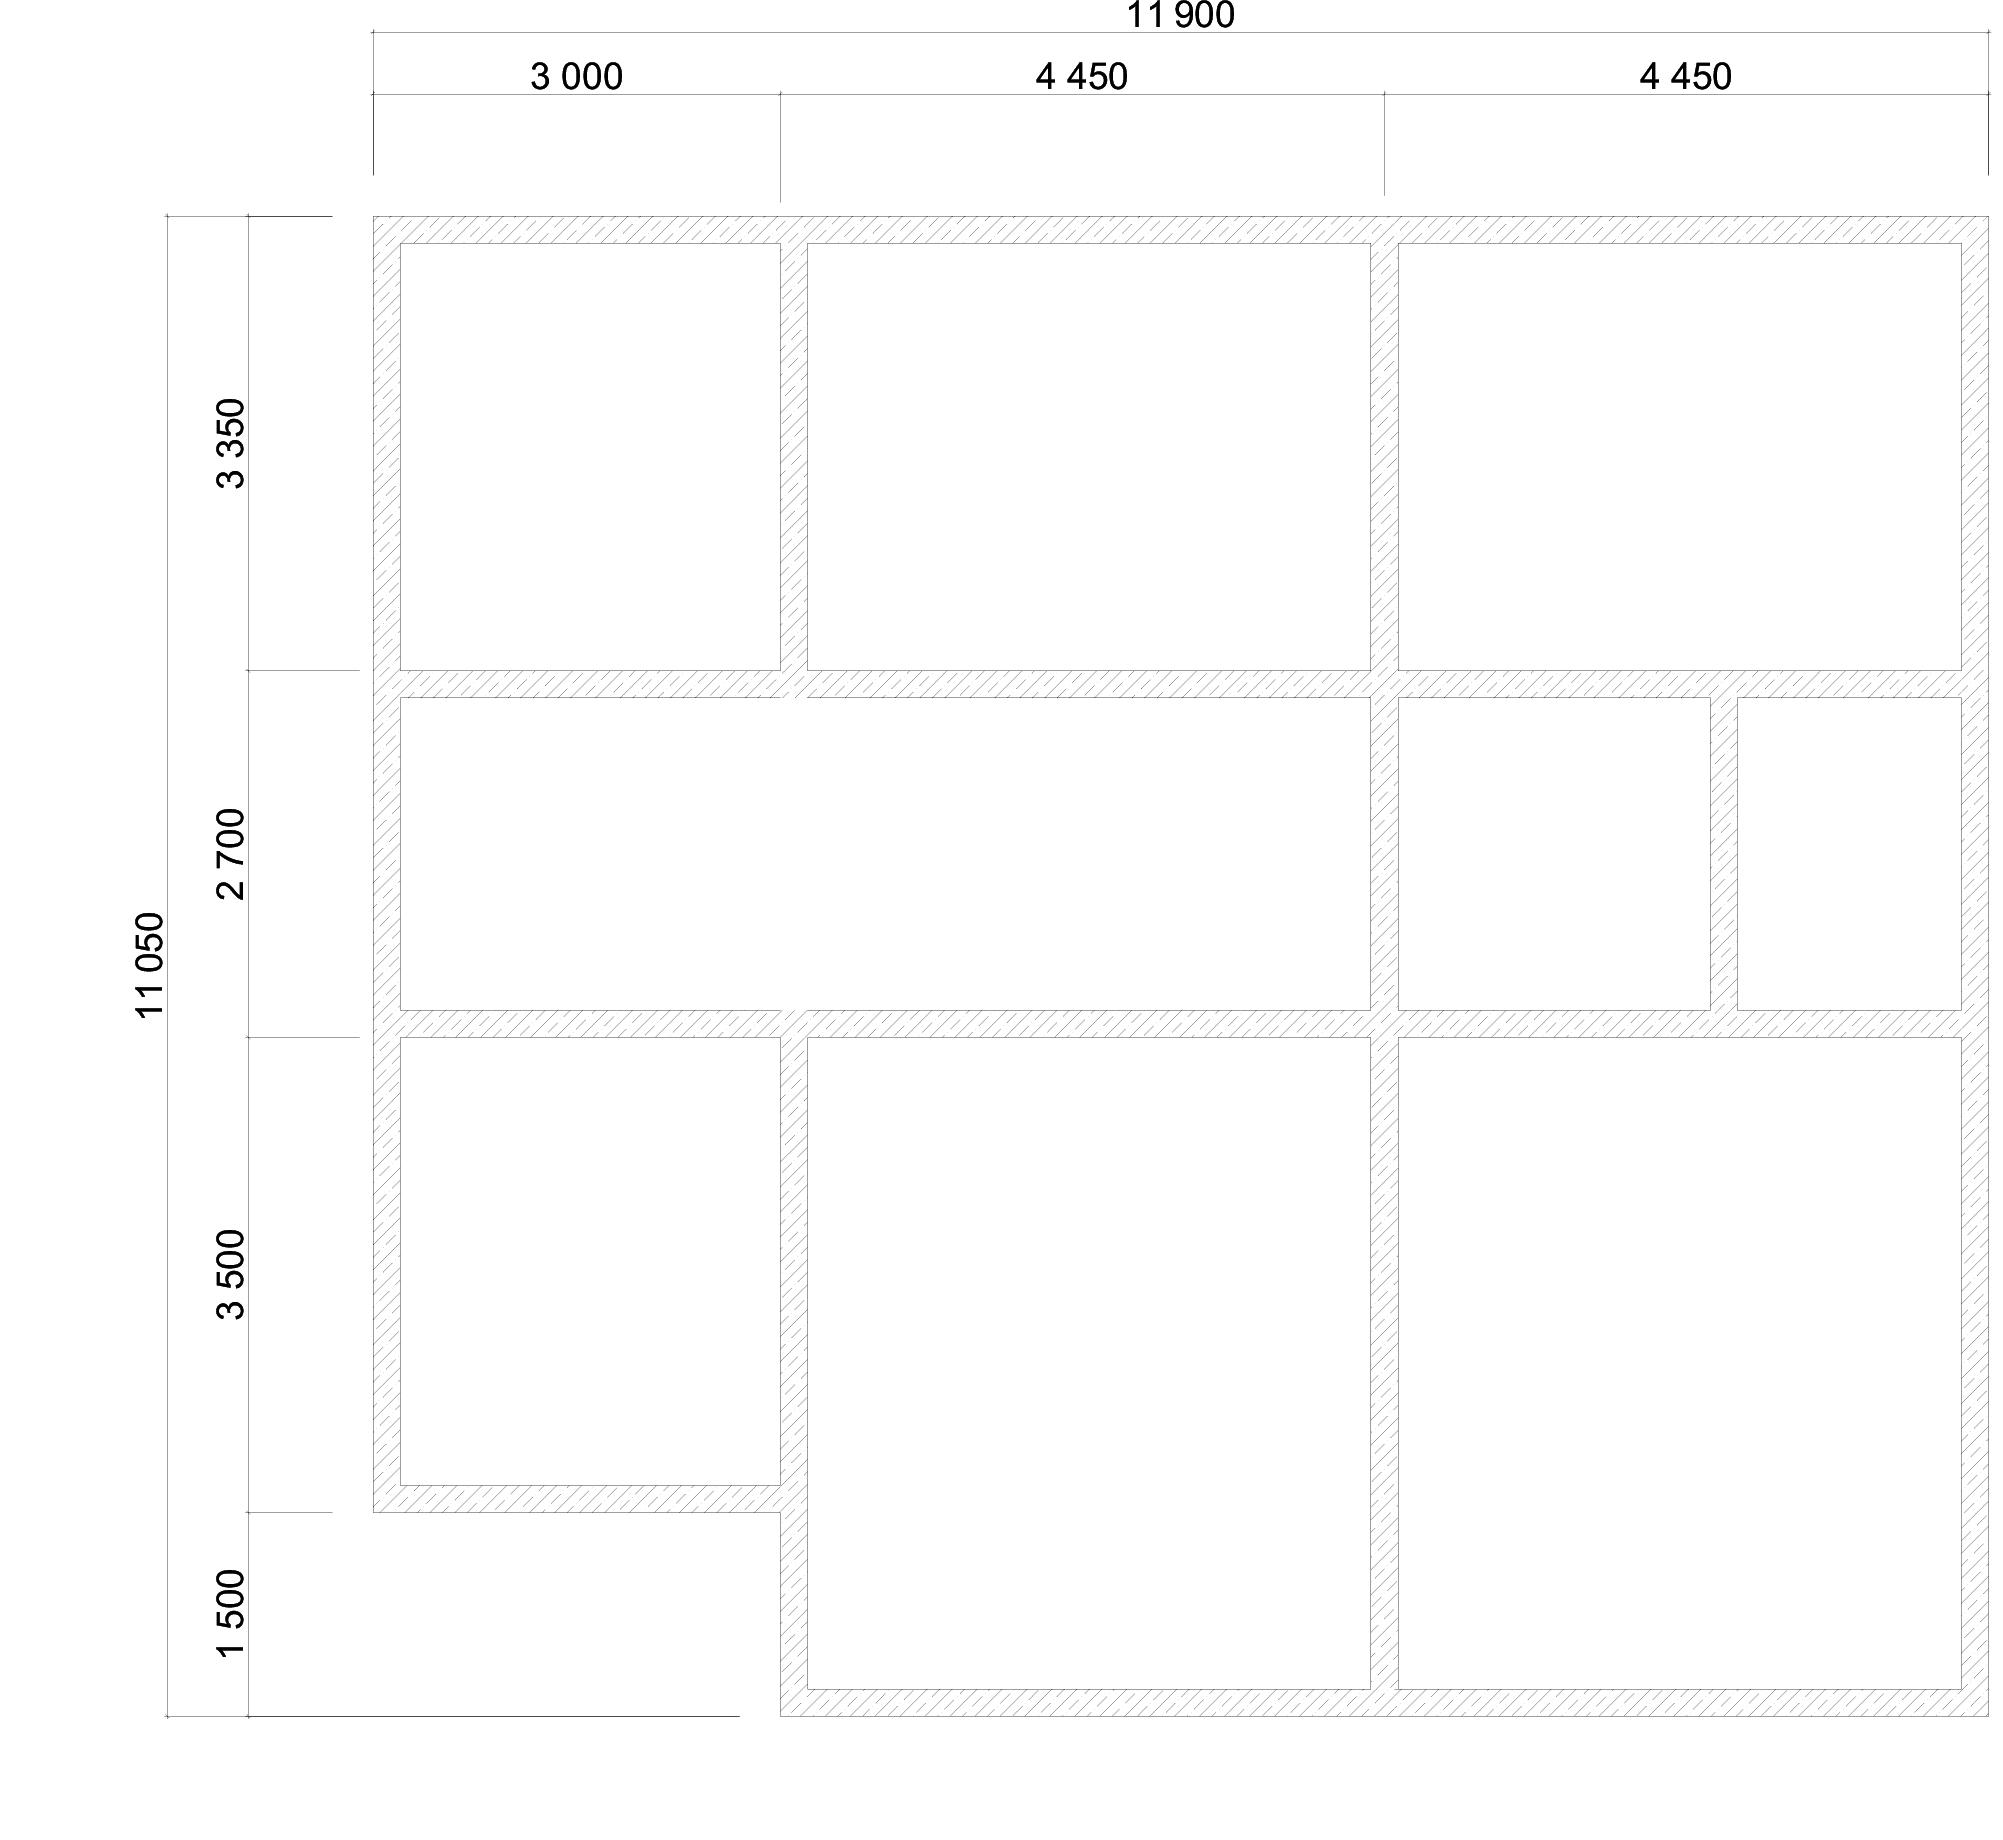 Проект дома из бруса 11х12 2 этажа с крыльцом и террасой. План фундамента.